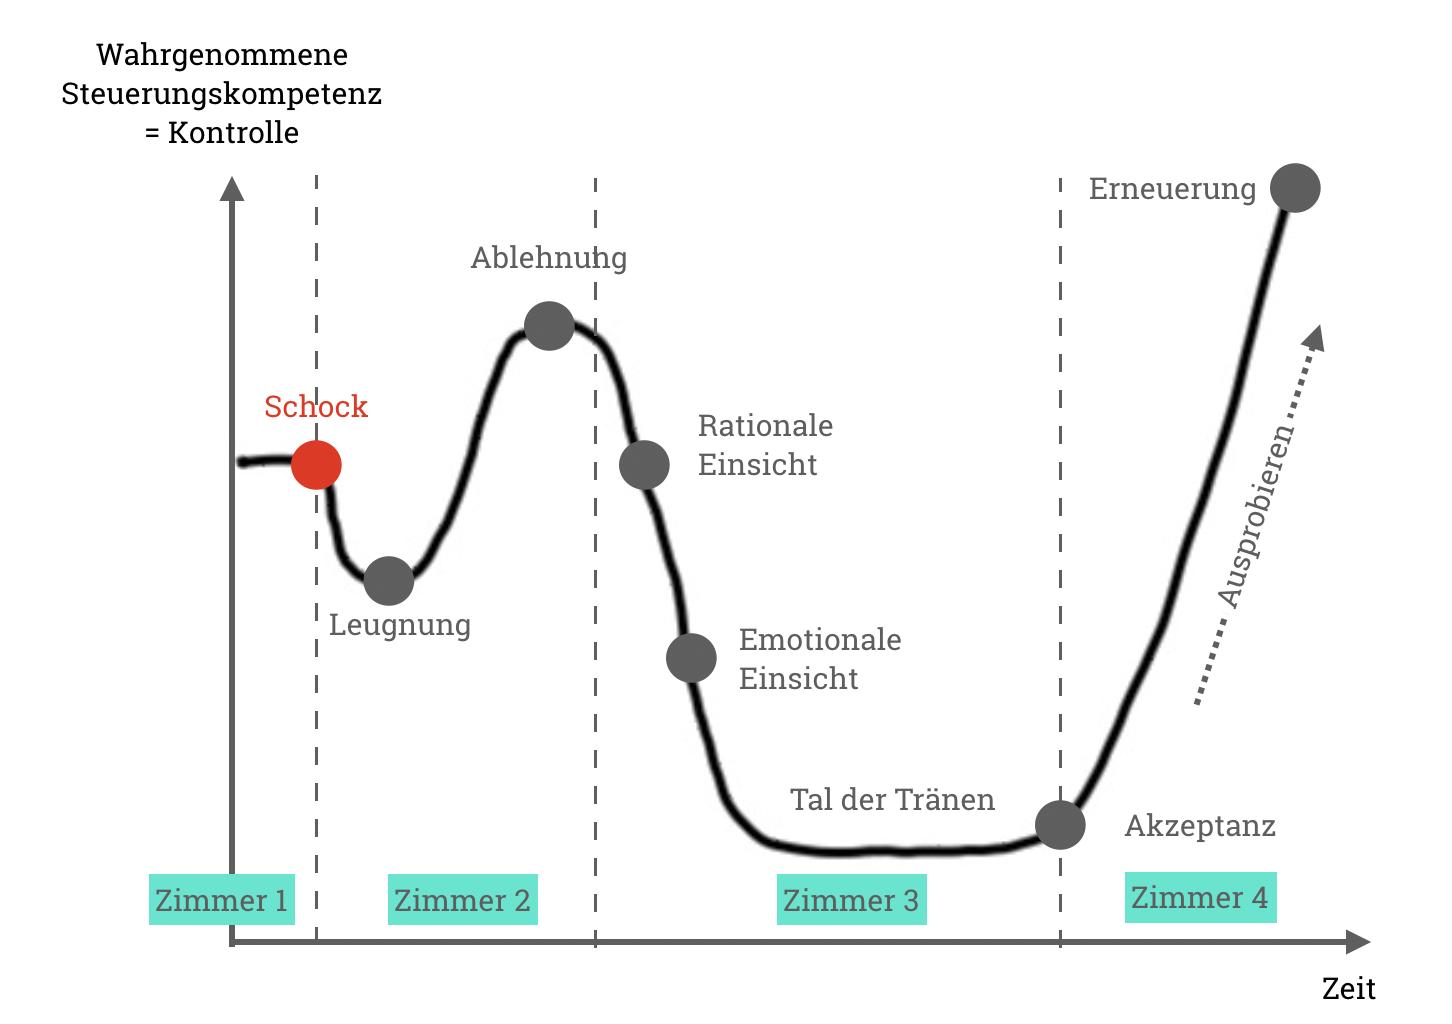 Die vier Zimmer der Veränderung als Ableitung aus der Change-Kurve von Kübler Ross.